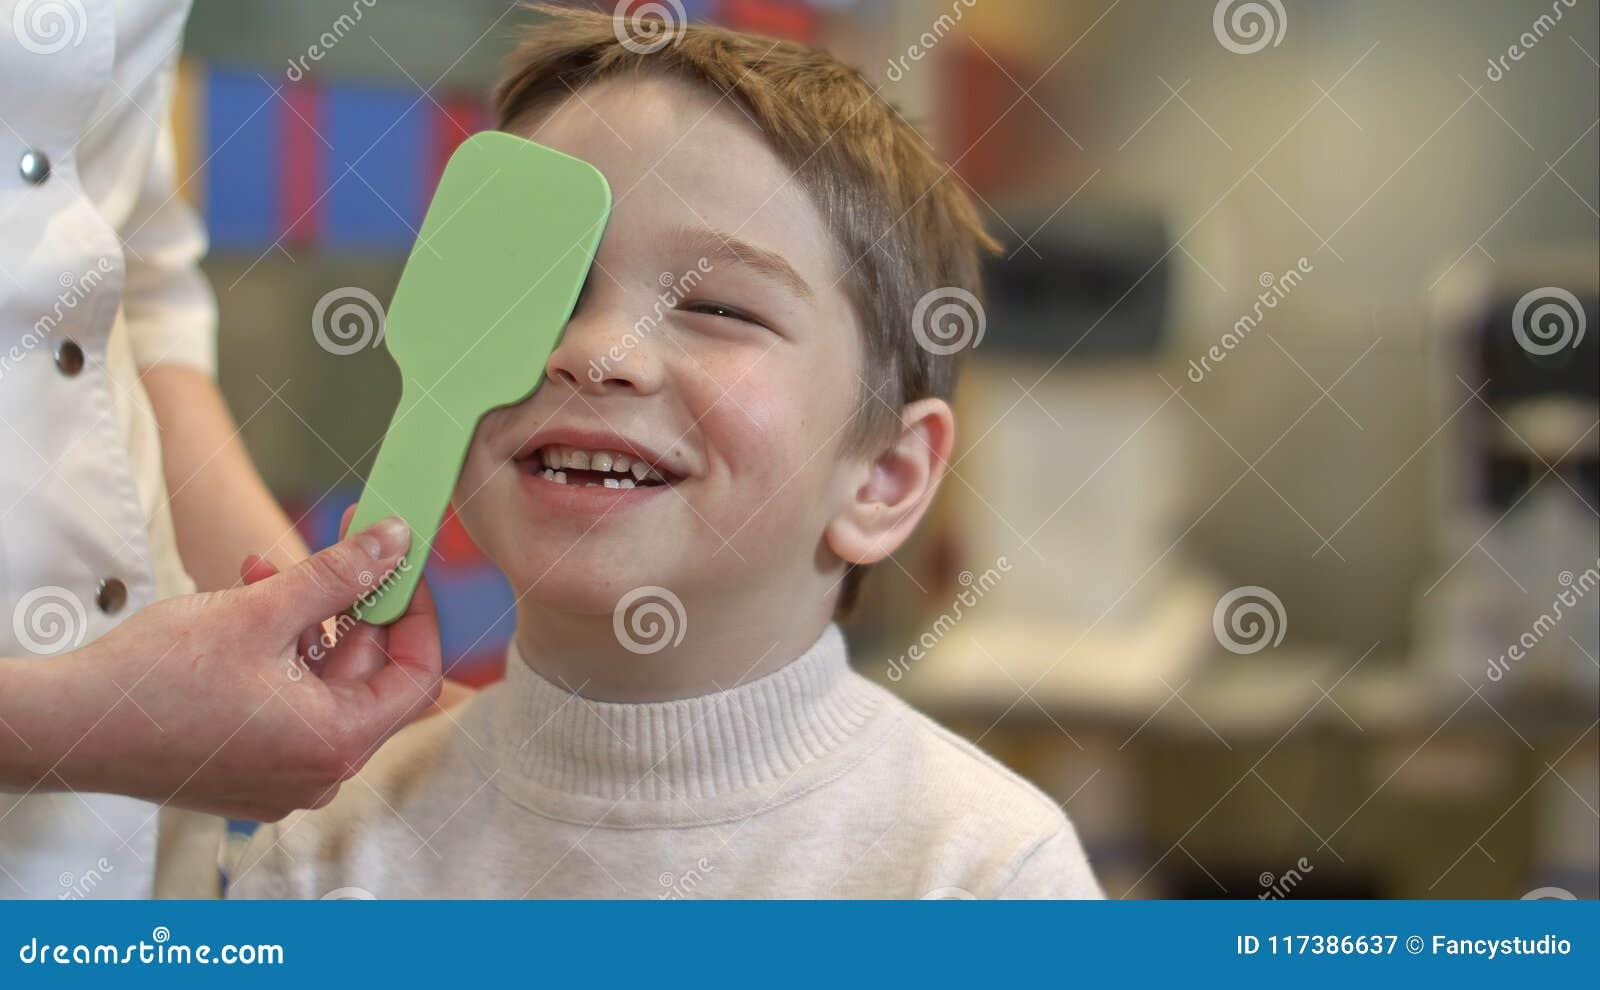 De knappe jongen onder oftalmoloogonderzoek sluit één oog probeert om brieven te lezen